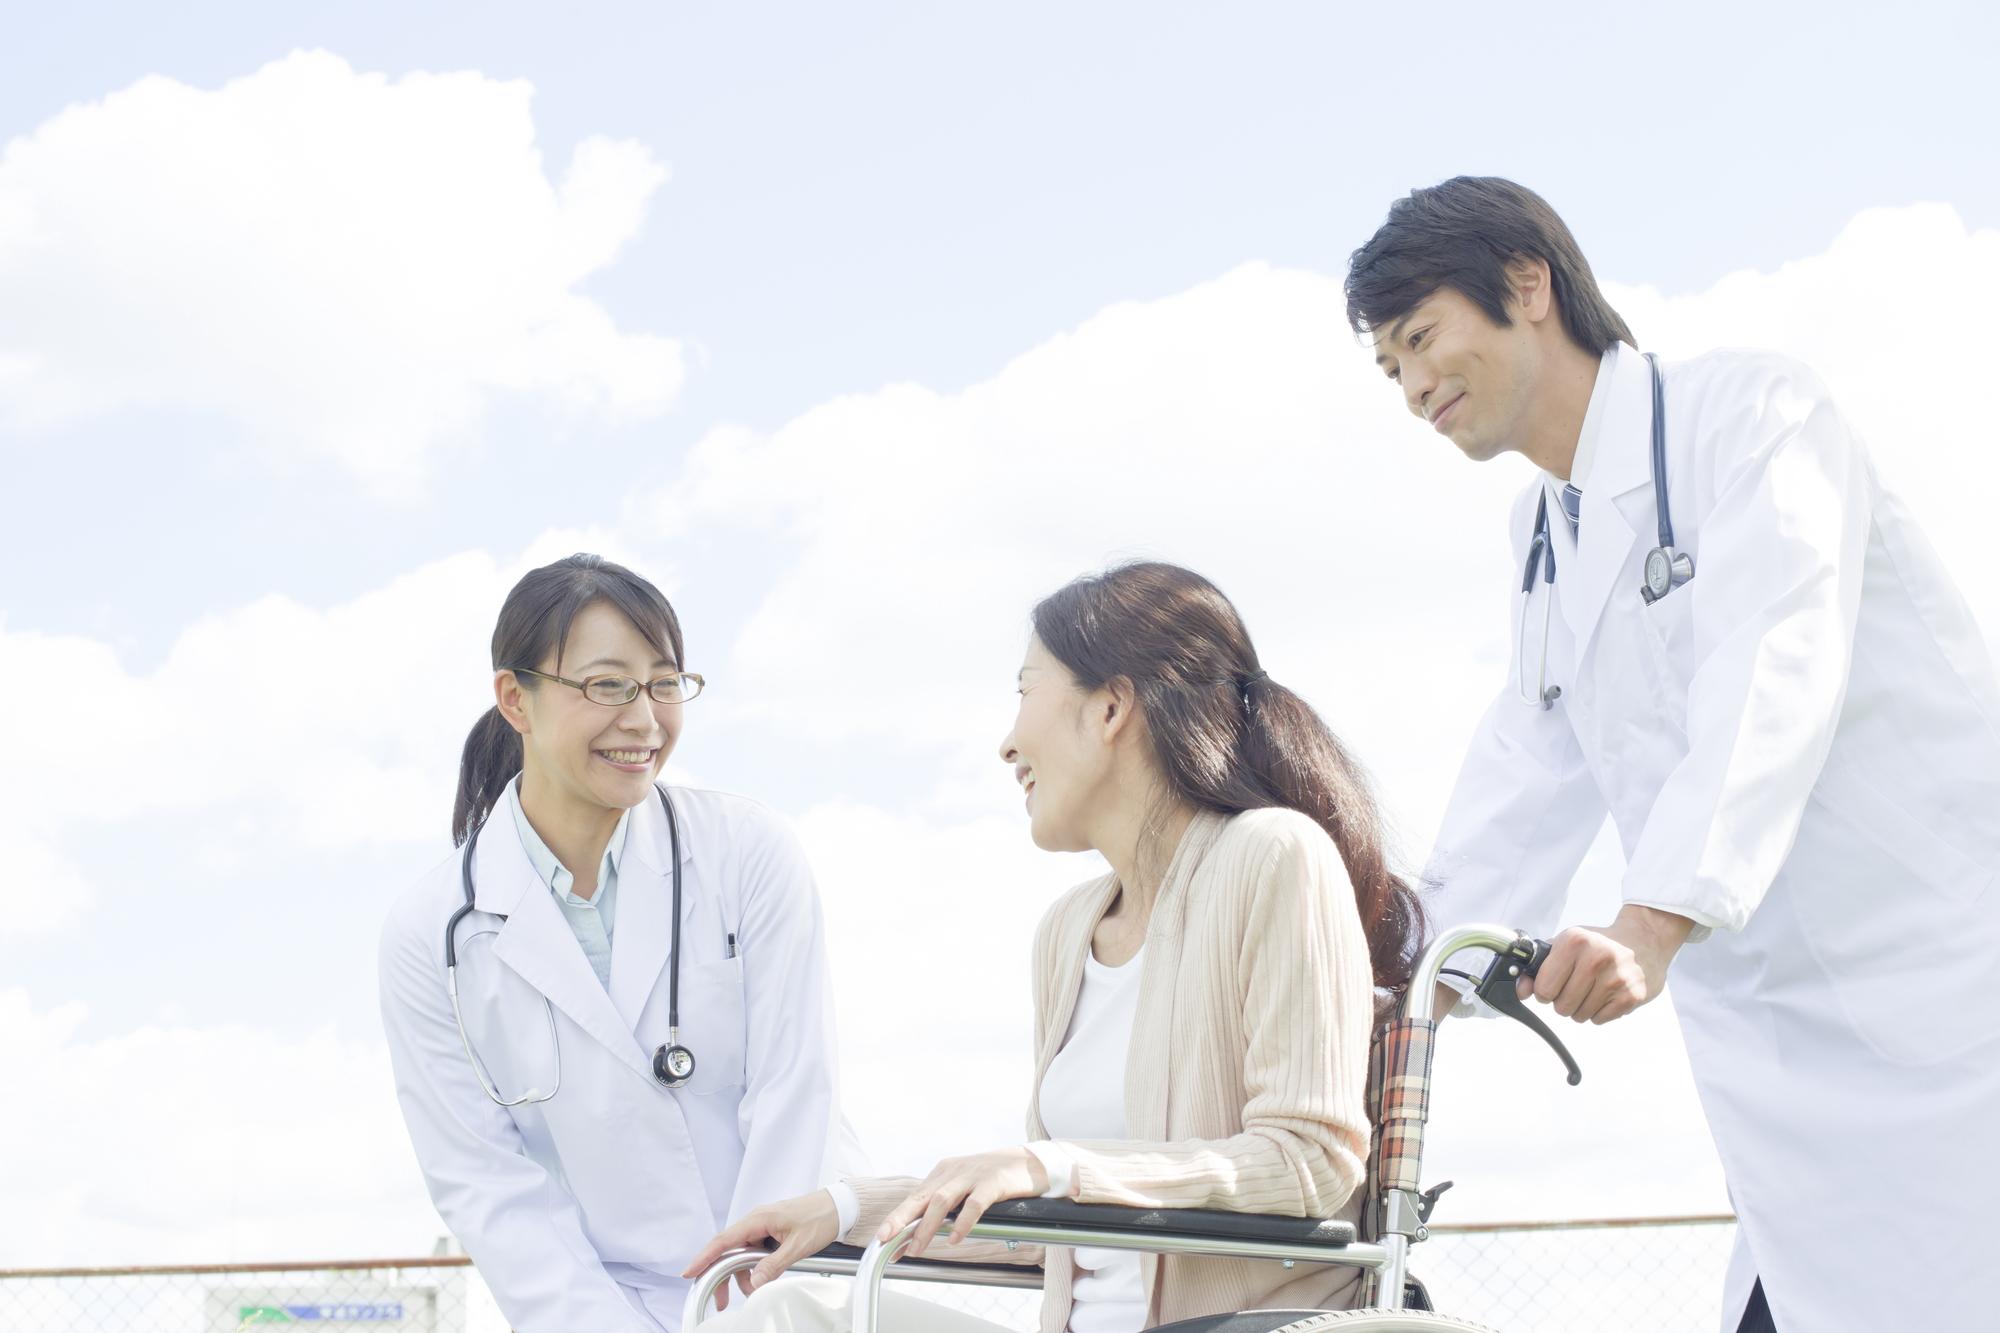 身近なところに出会いがあるかも!?看護師と患者さんとの恋愛事情